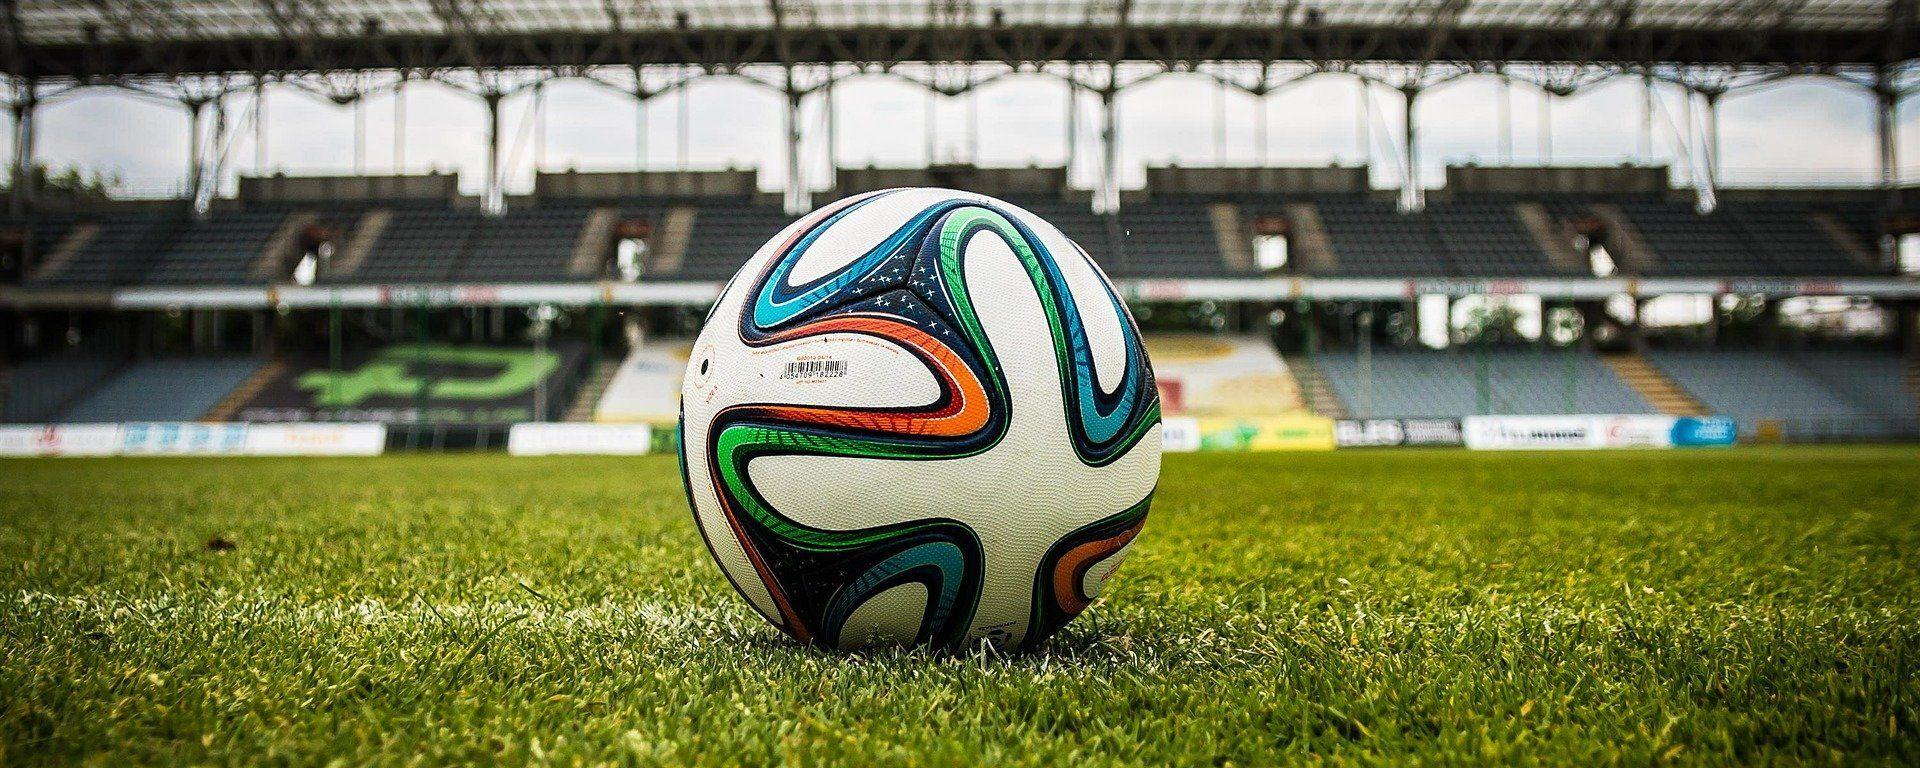 Balón de fútbol en un estadio (referencial) - Sputnik Mundo, 1920, 12.05.2021